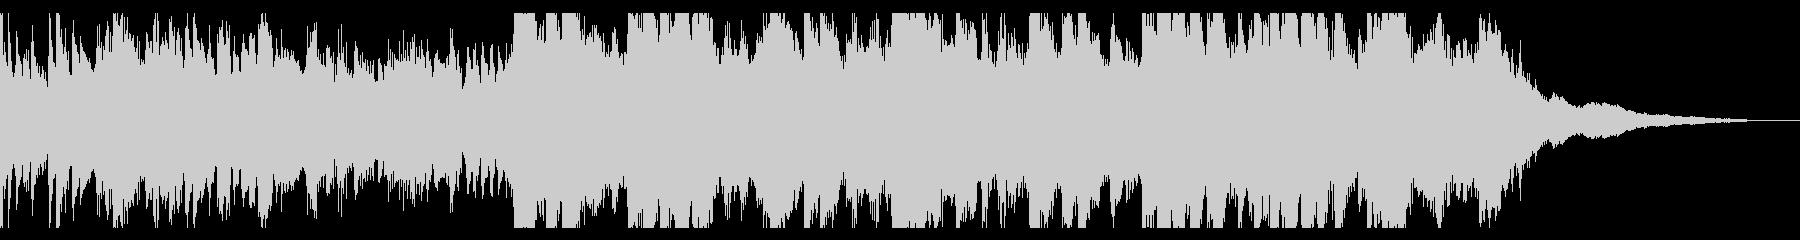 キラキラ繊細なピアノのオープニング30秒の未再生の波形